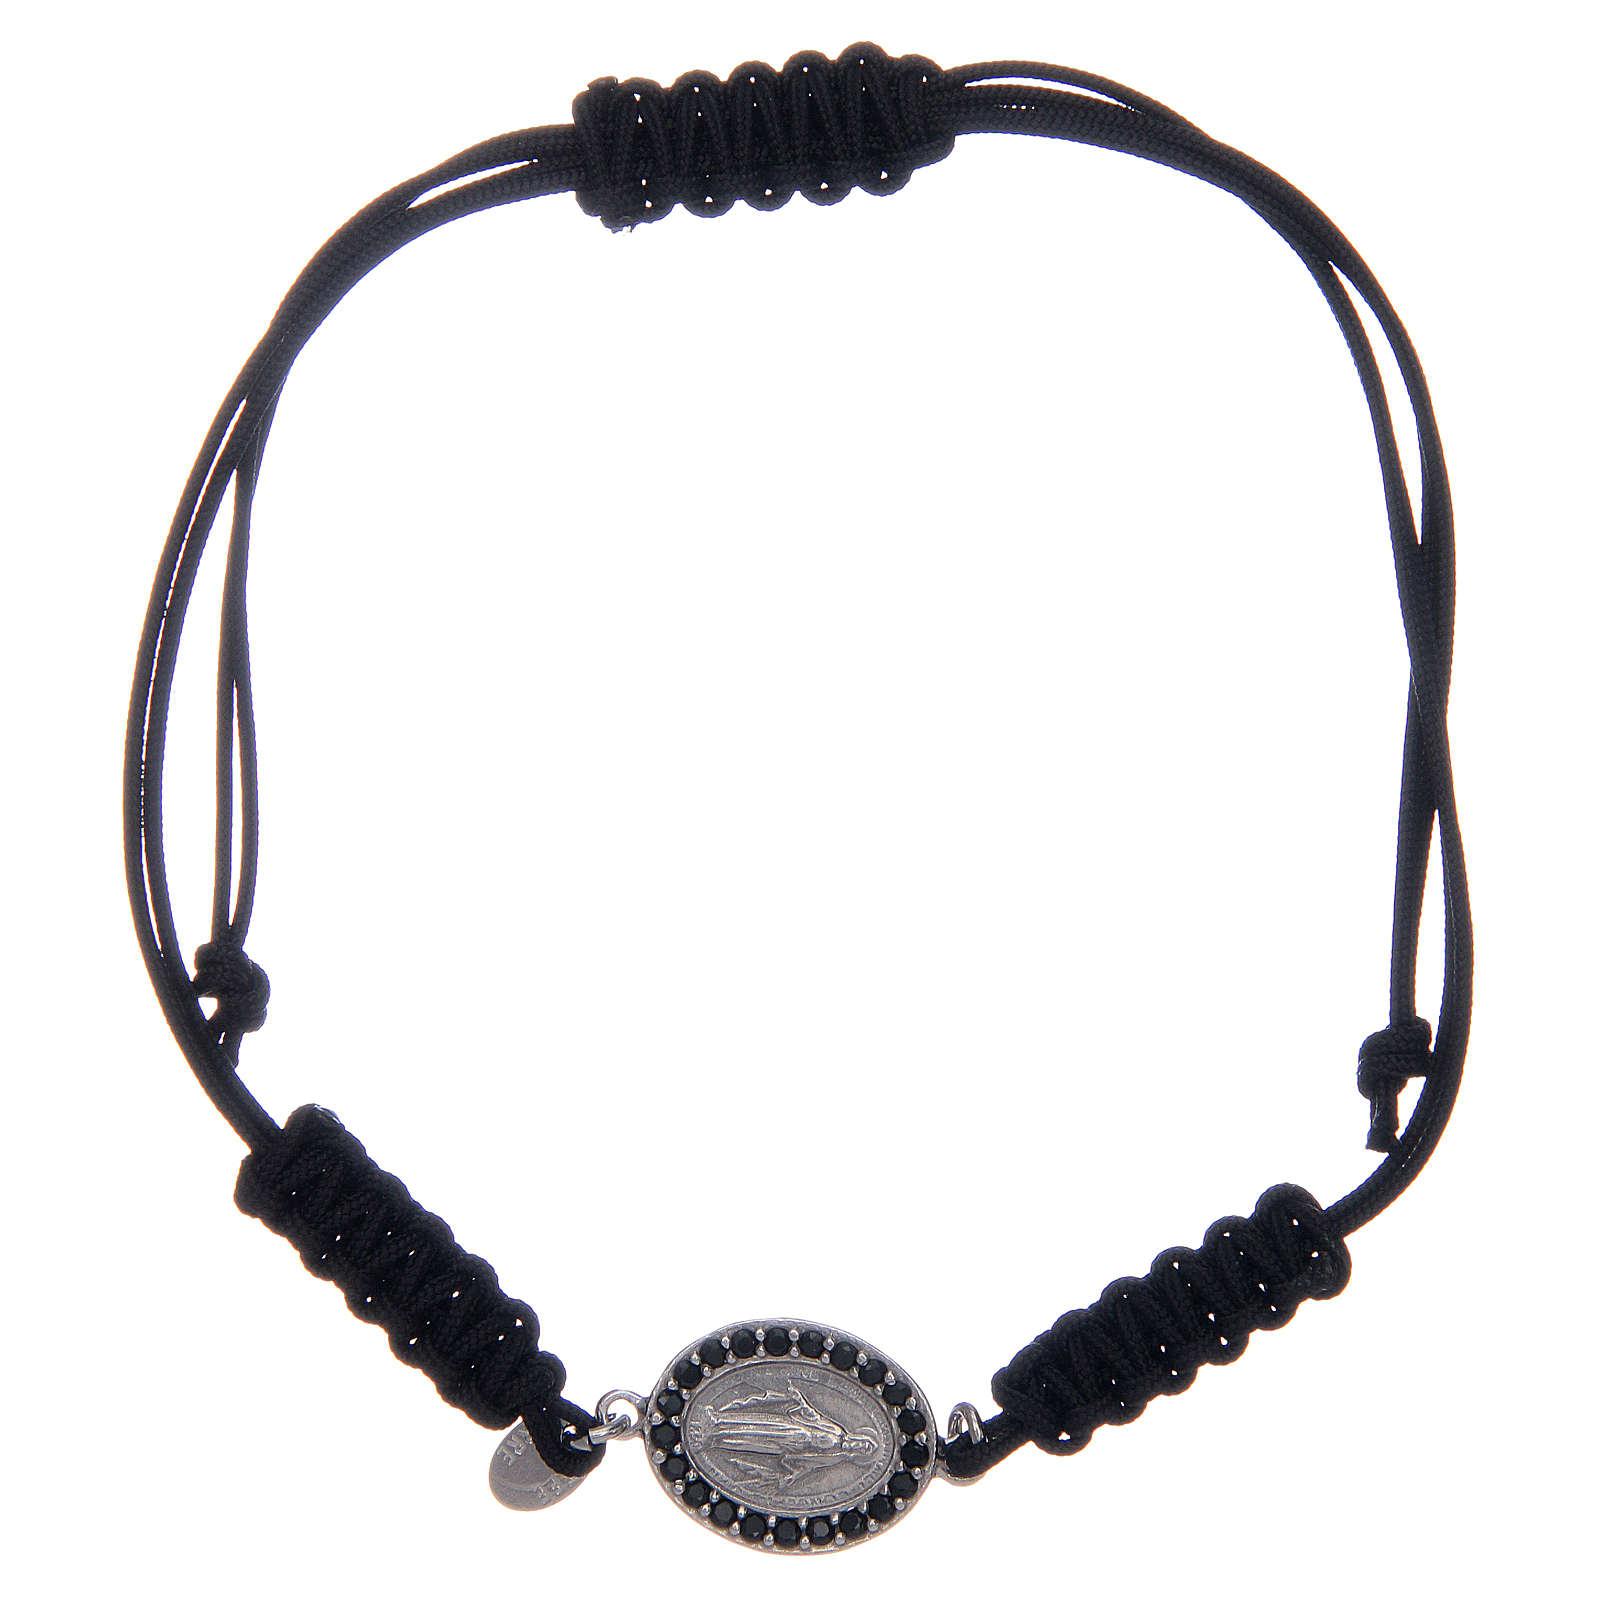 Pulseira fio prata 925 Milagrosa prateada zircões pretos 4